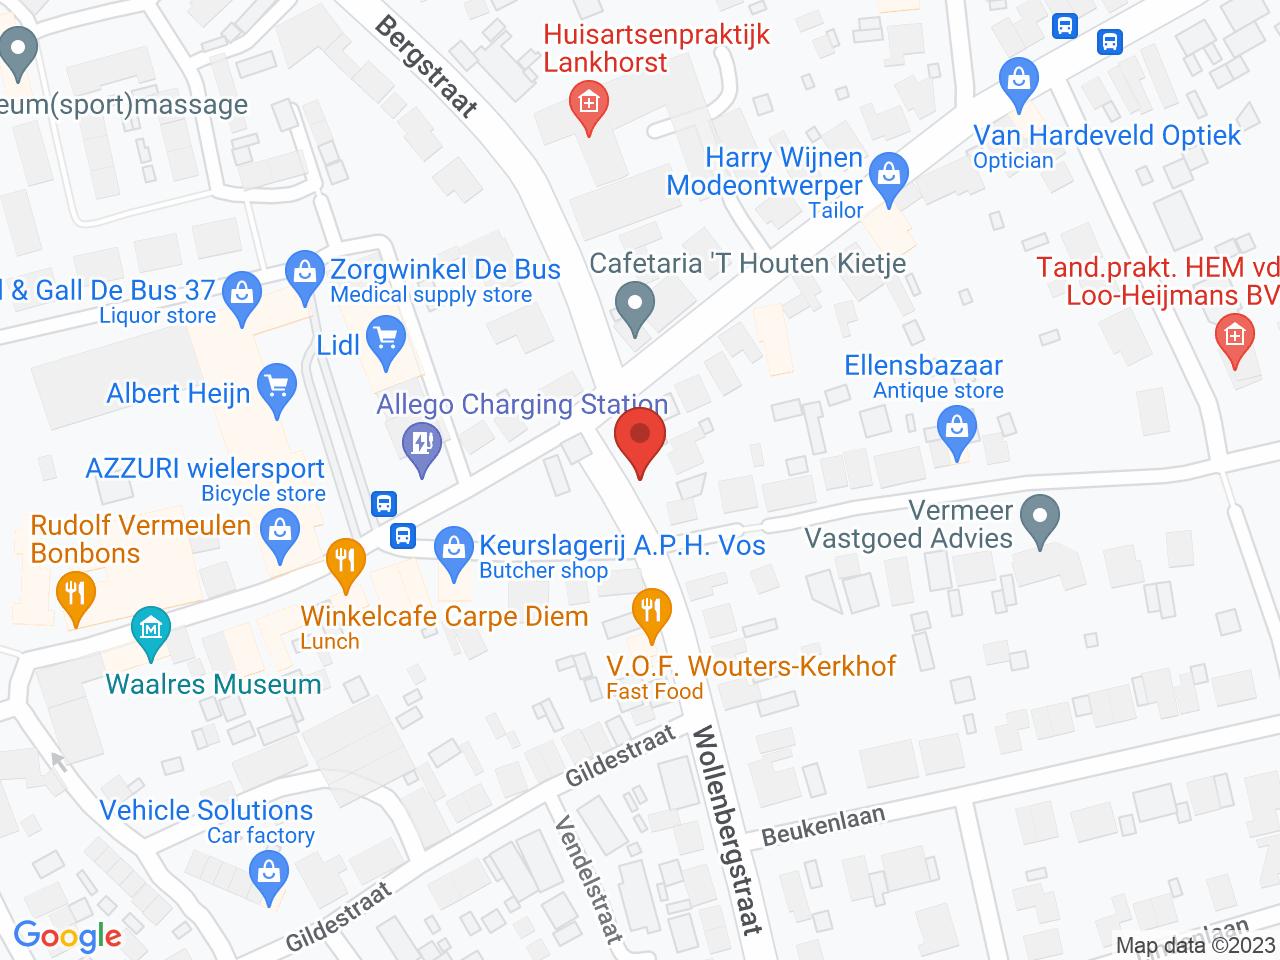 Traverse-Zuid: april t/m oktober 2021 op een kaart getoond.